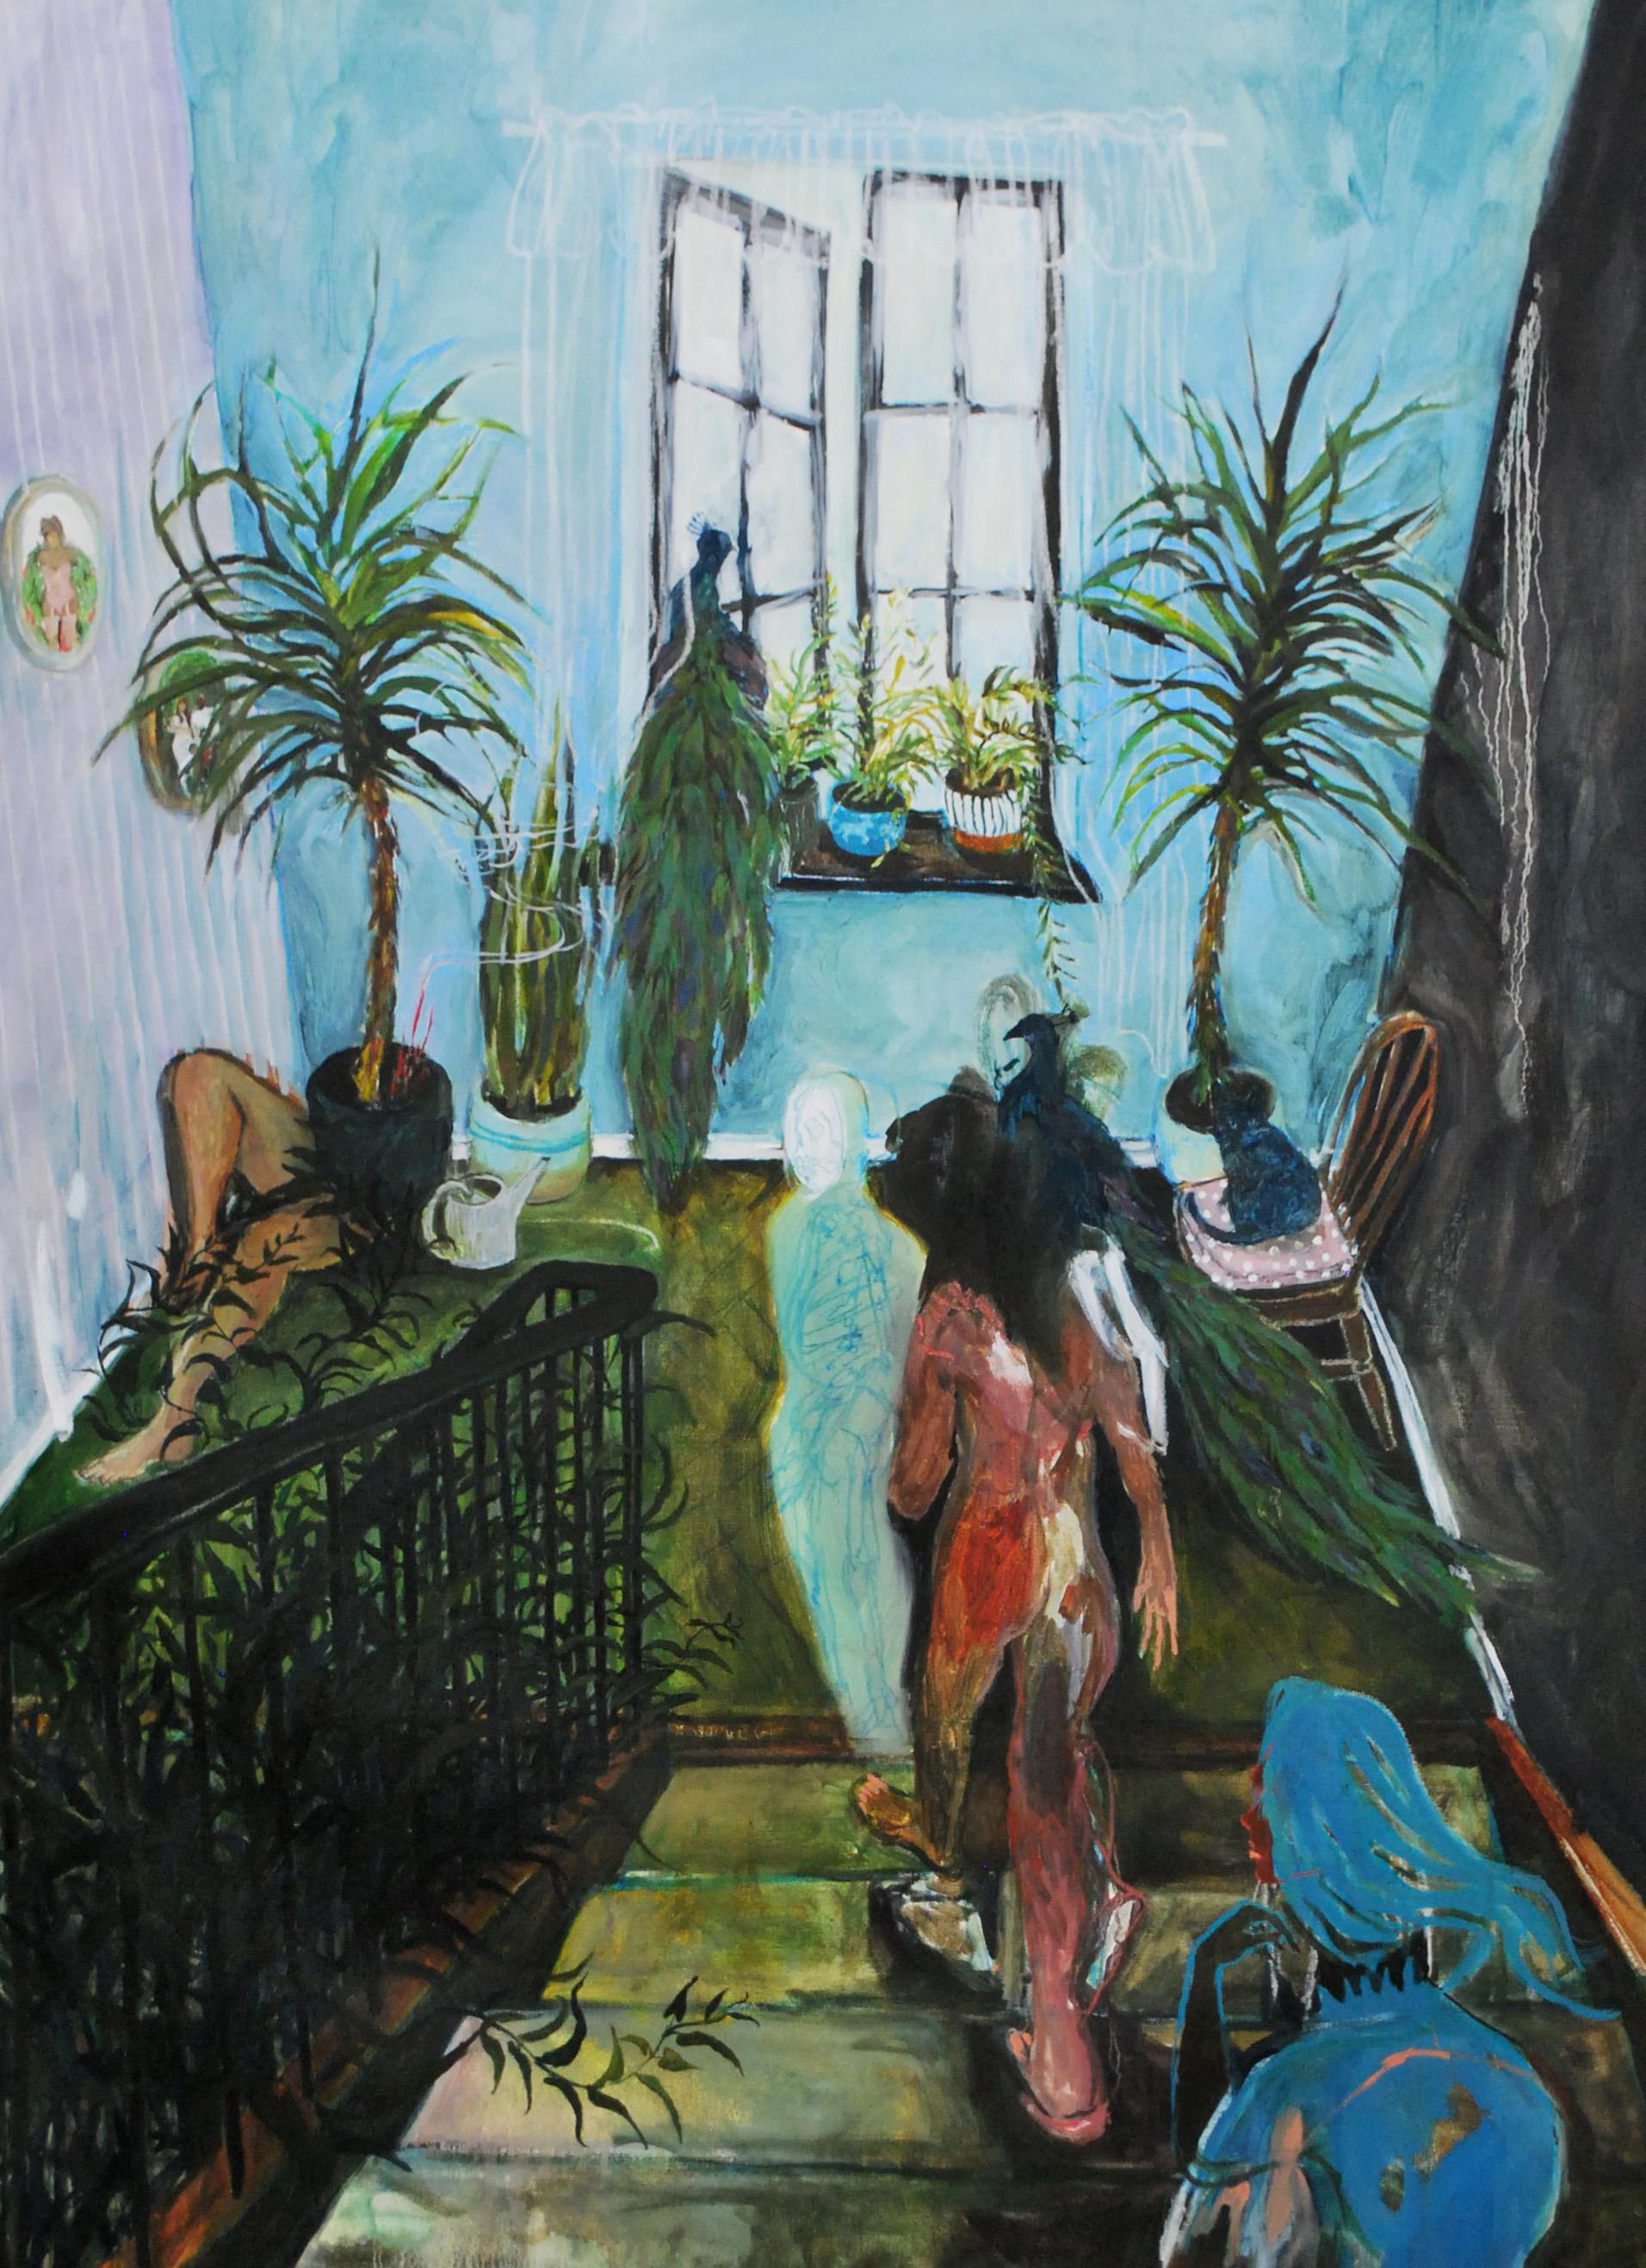 Michelle Nguyen art